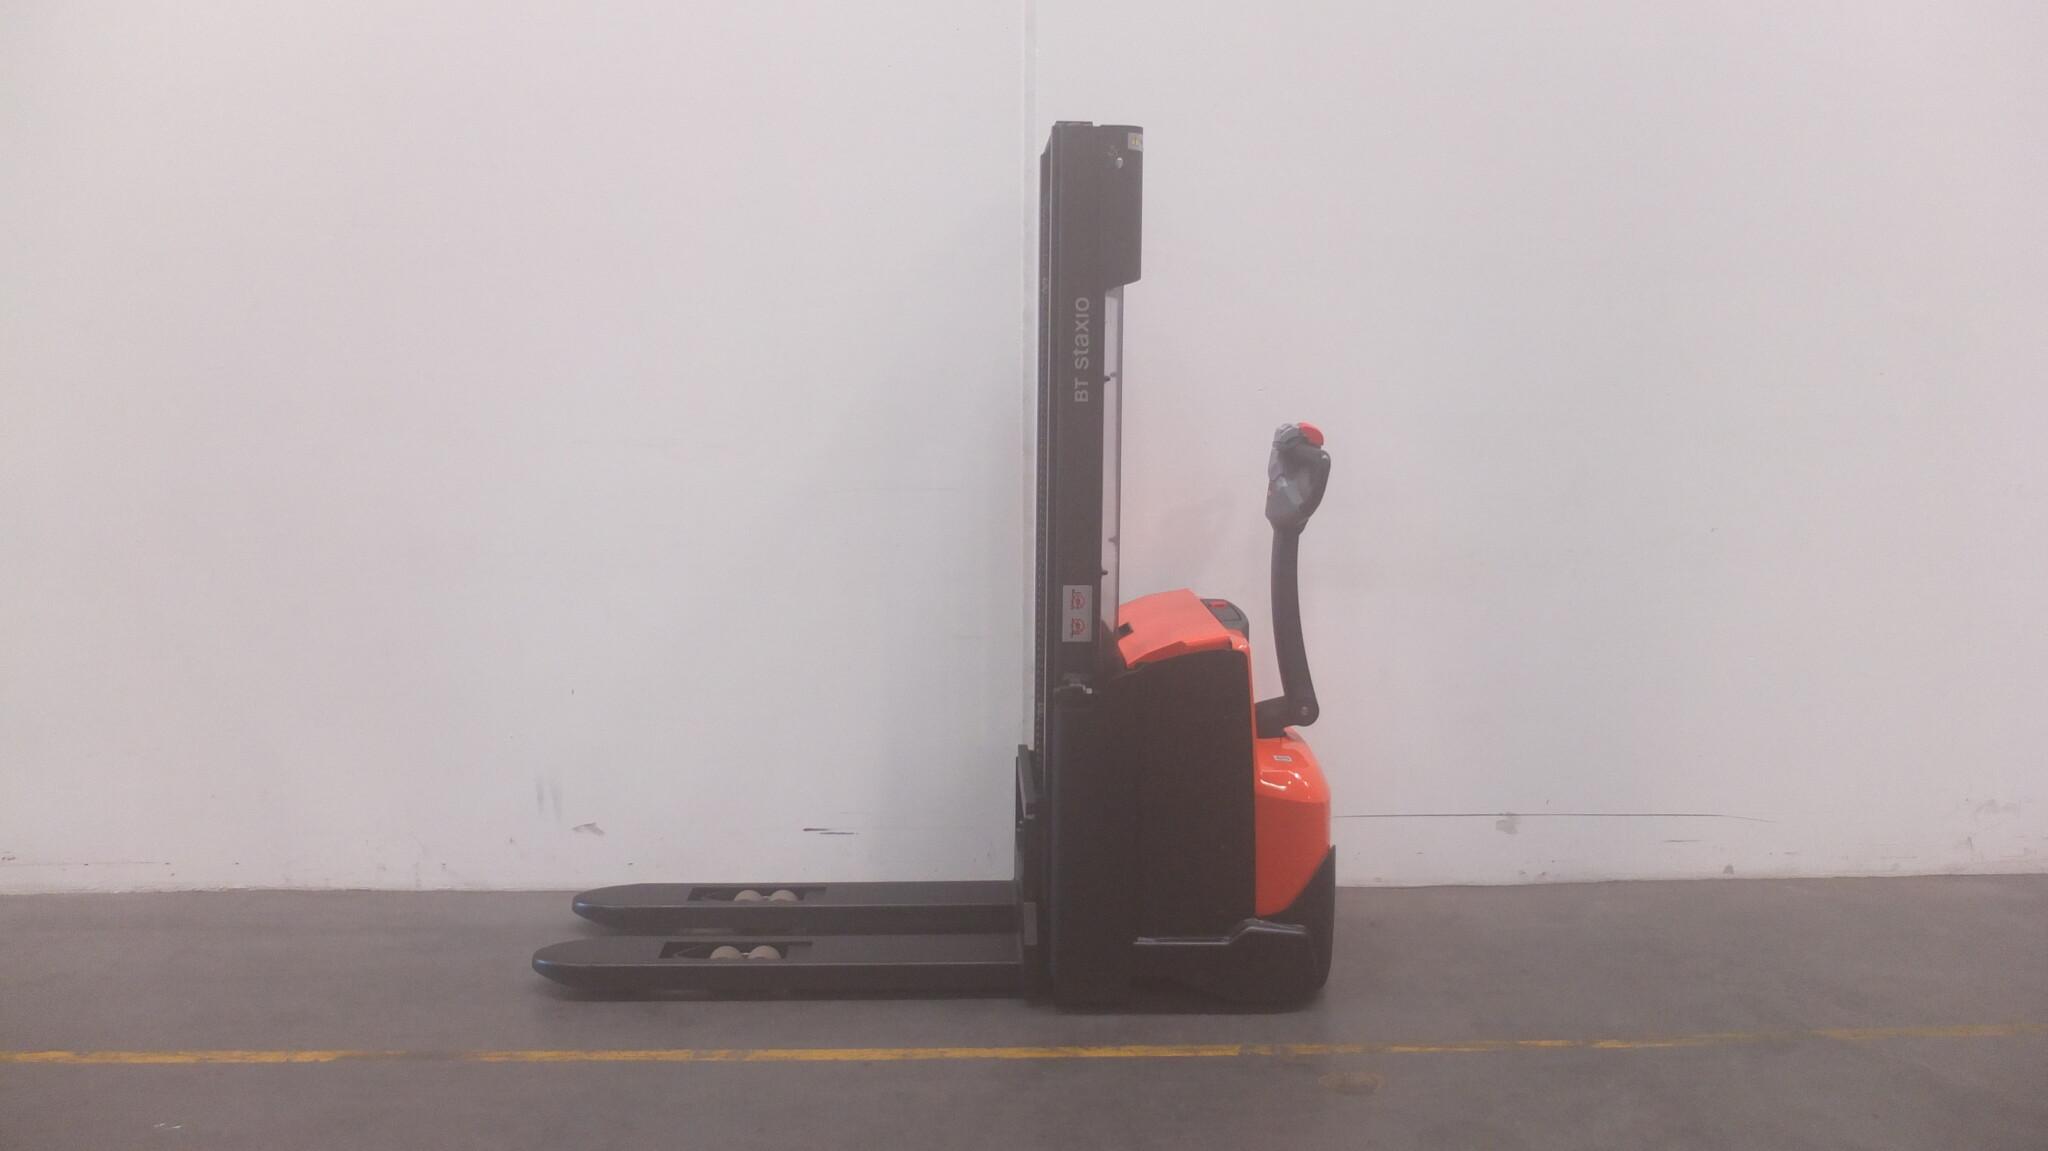 Toyota-Gabelstapler-59840 1410032286 1 scaled